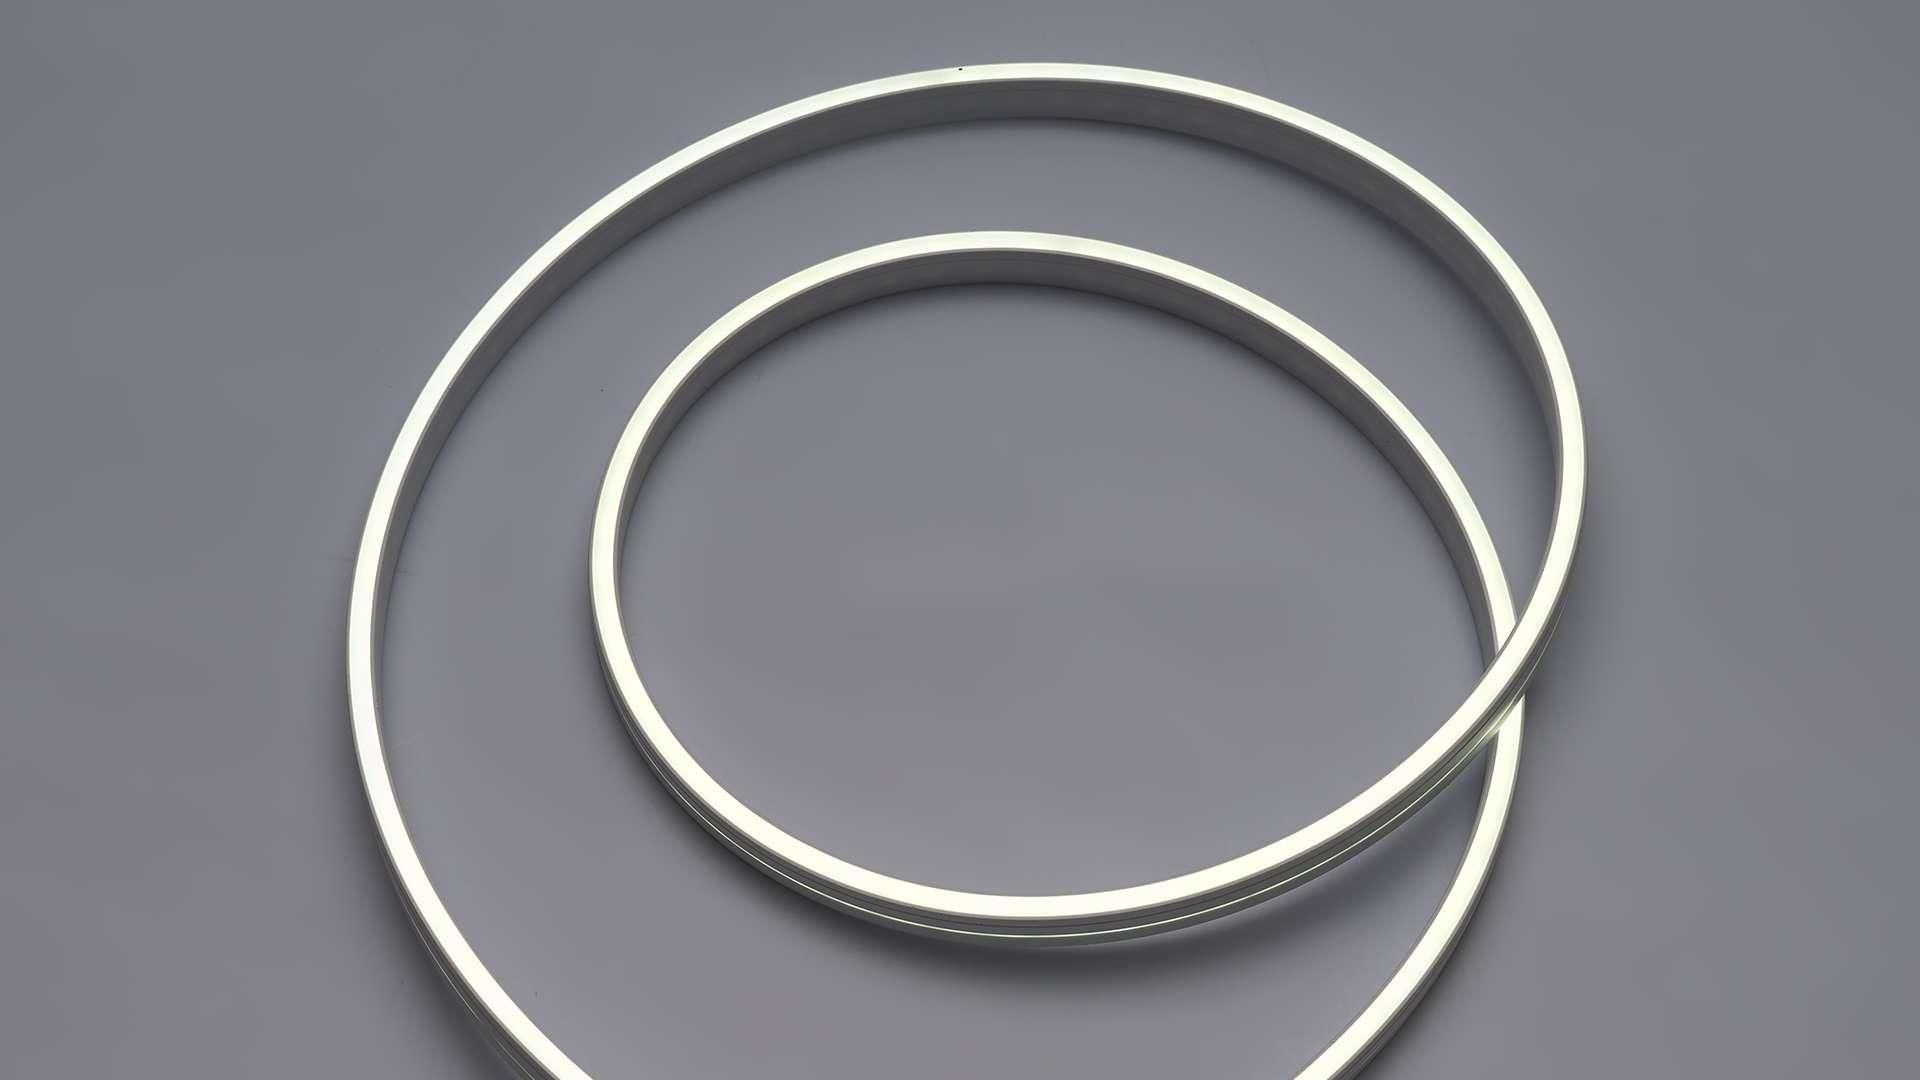 LED Neon Flex 3Y 6x12 140 LED/m 10,8W/m 24V NW